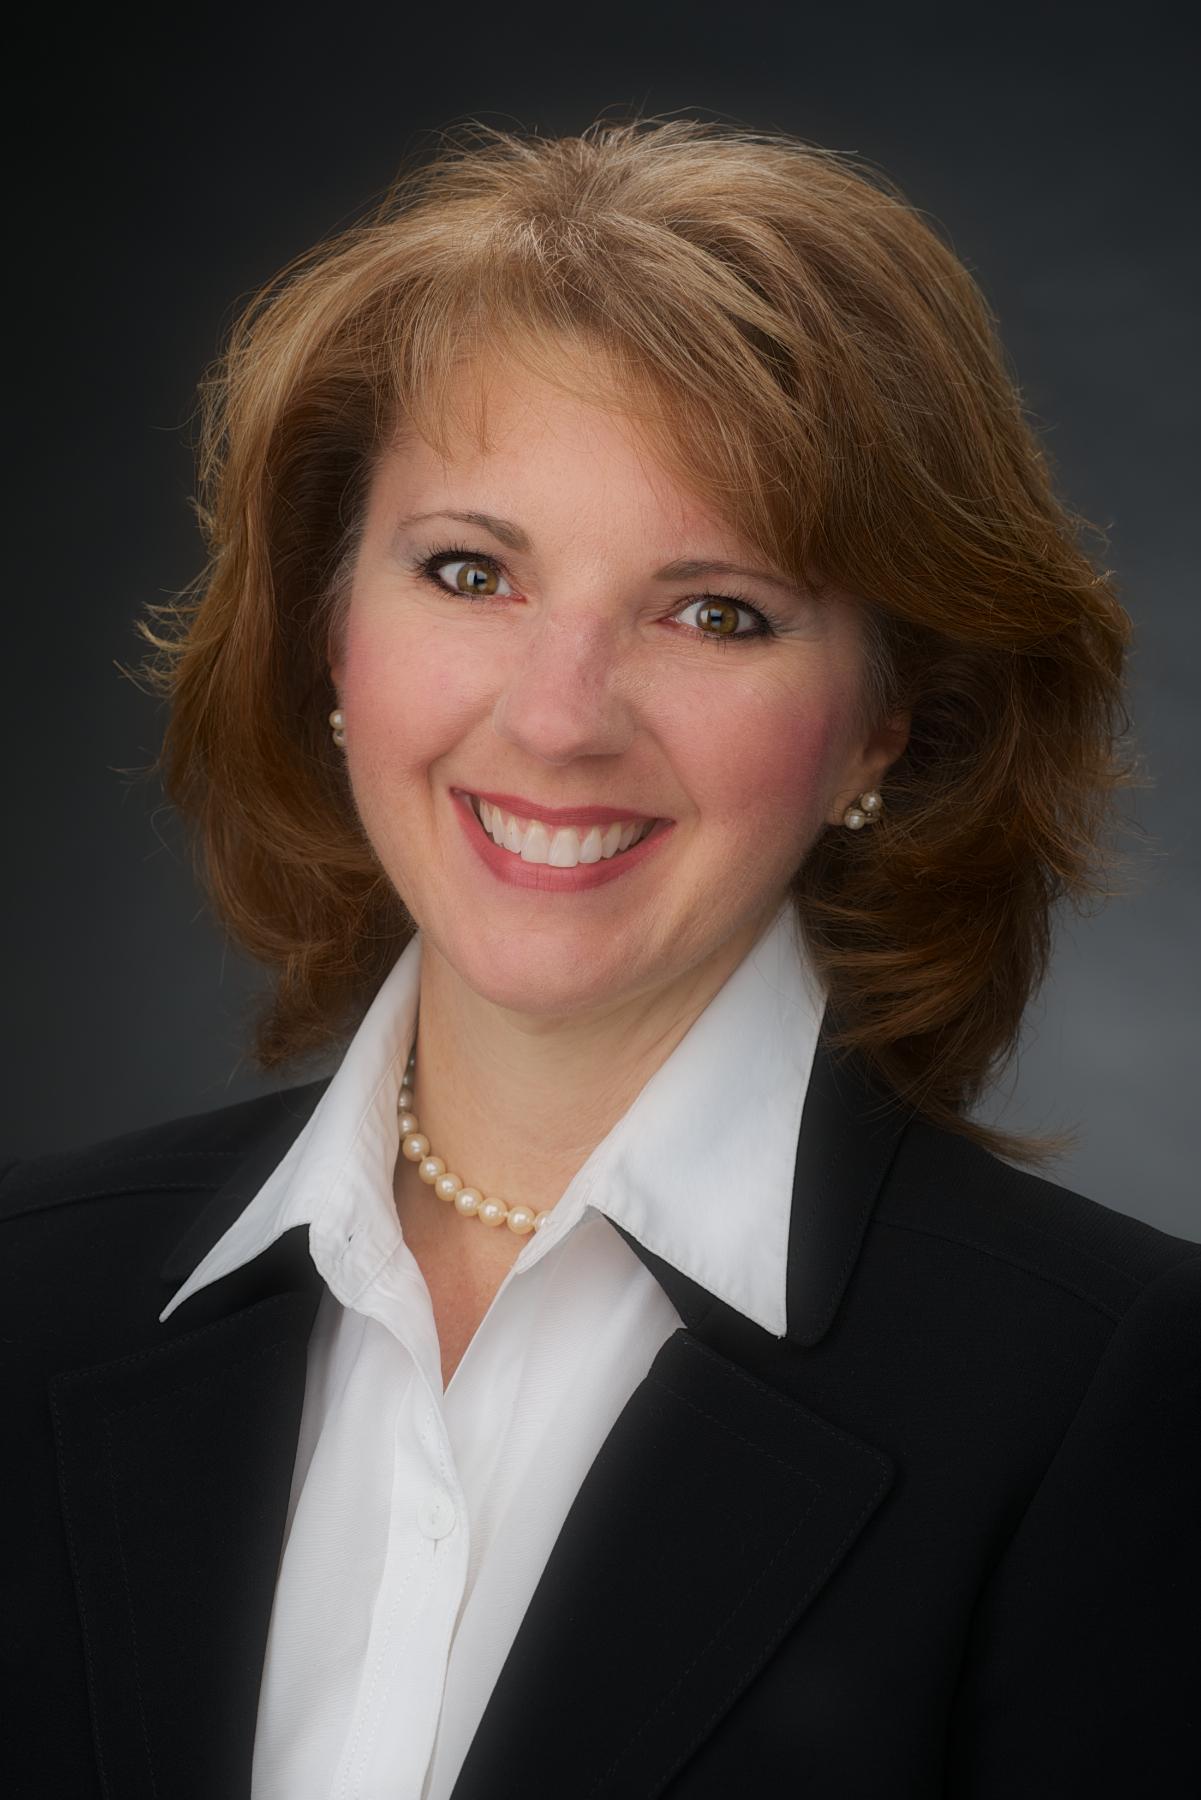 Darlene Crowder